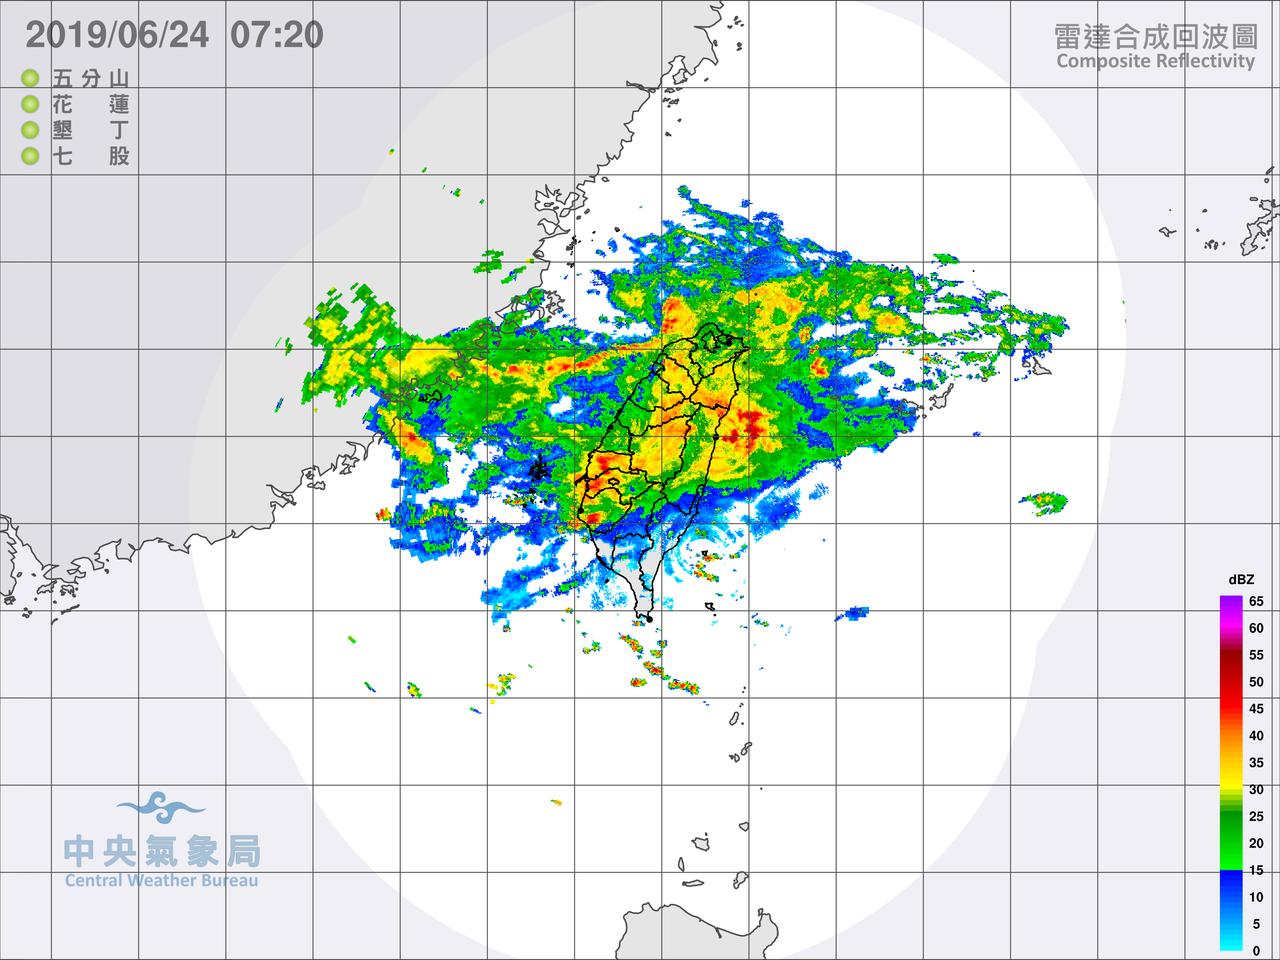 中央氣象局上午7時對16個縣市發布豪雨或大雨特報,表示今天受鋒面影響,易有短時強...